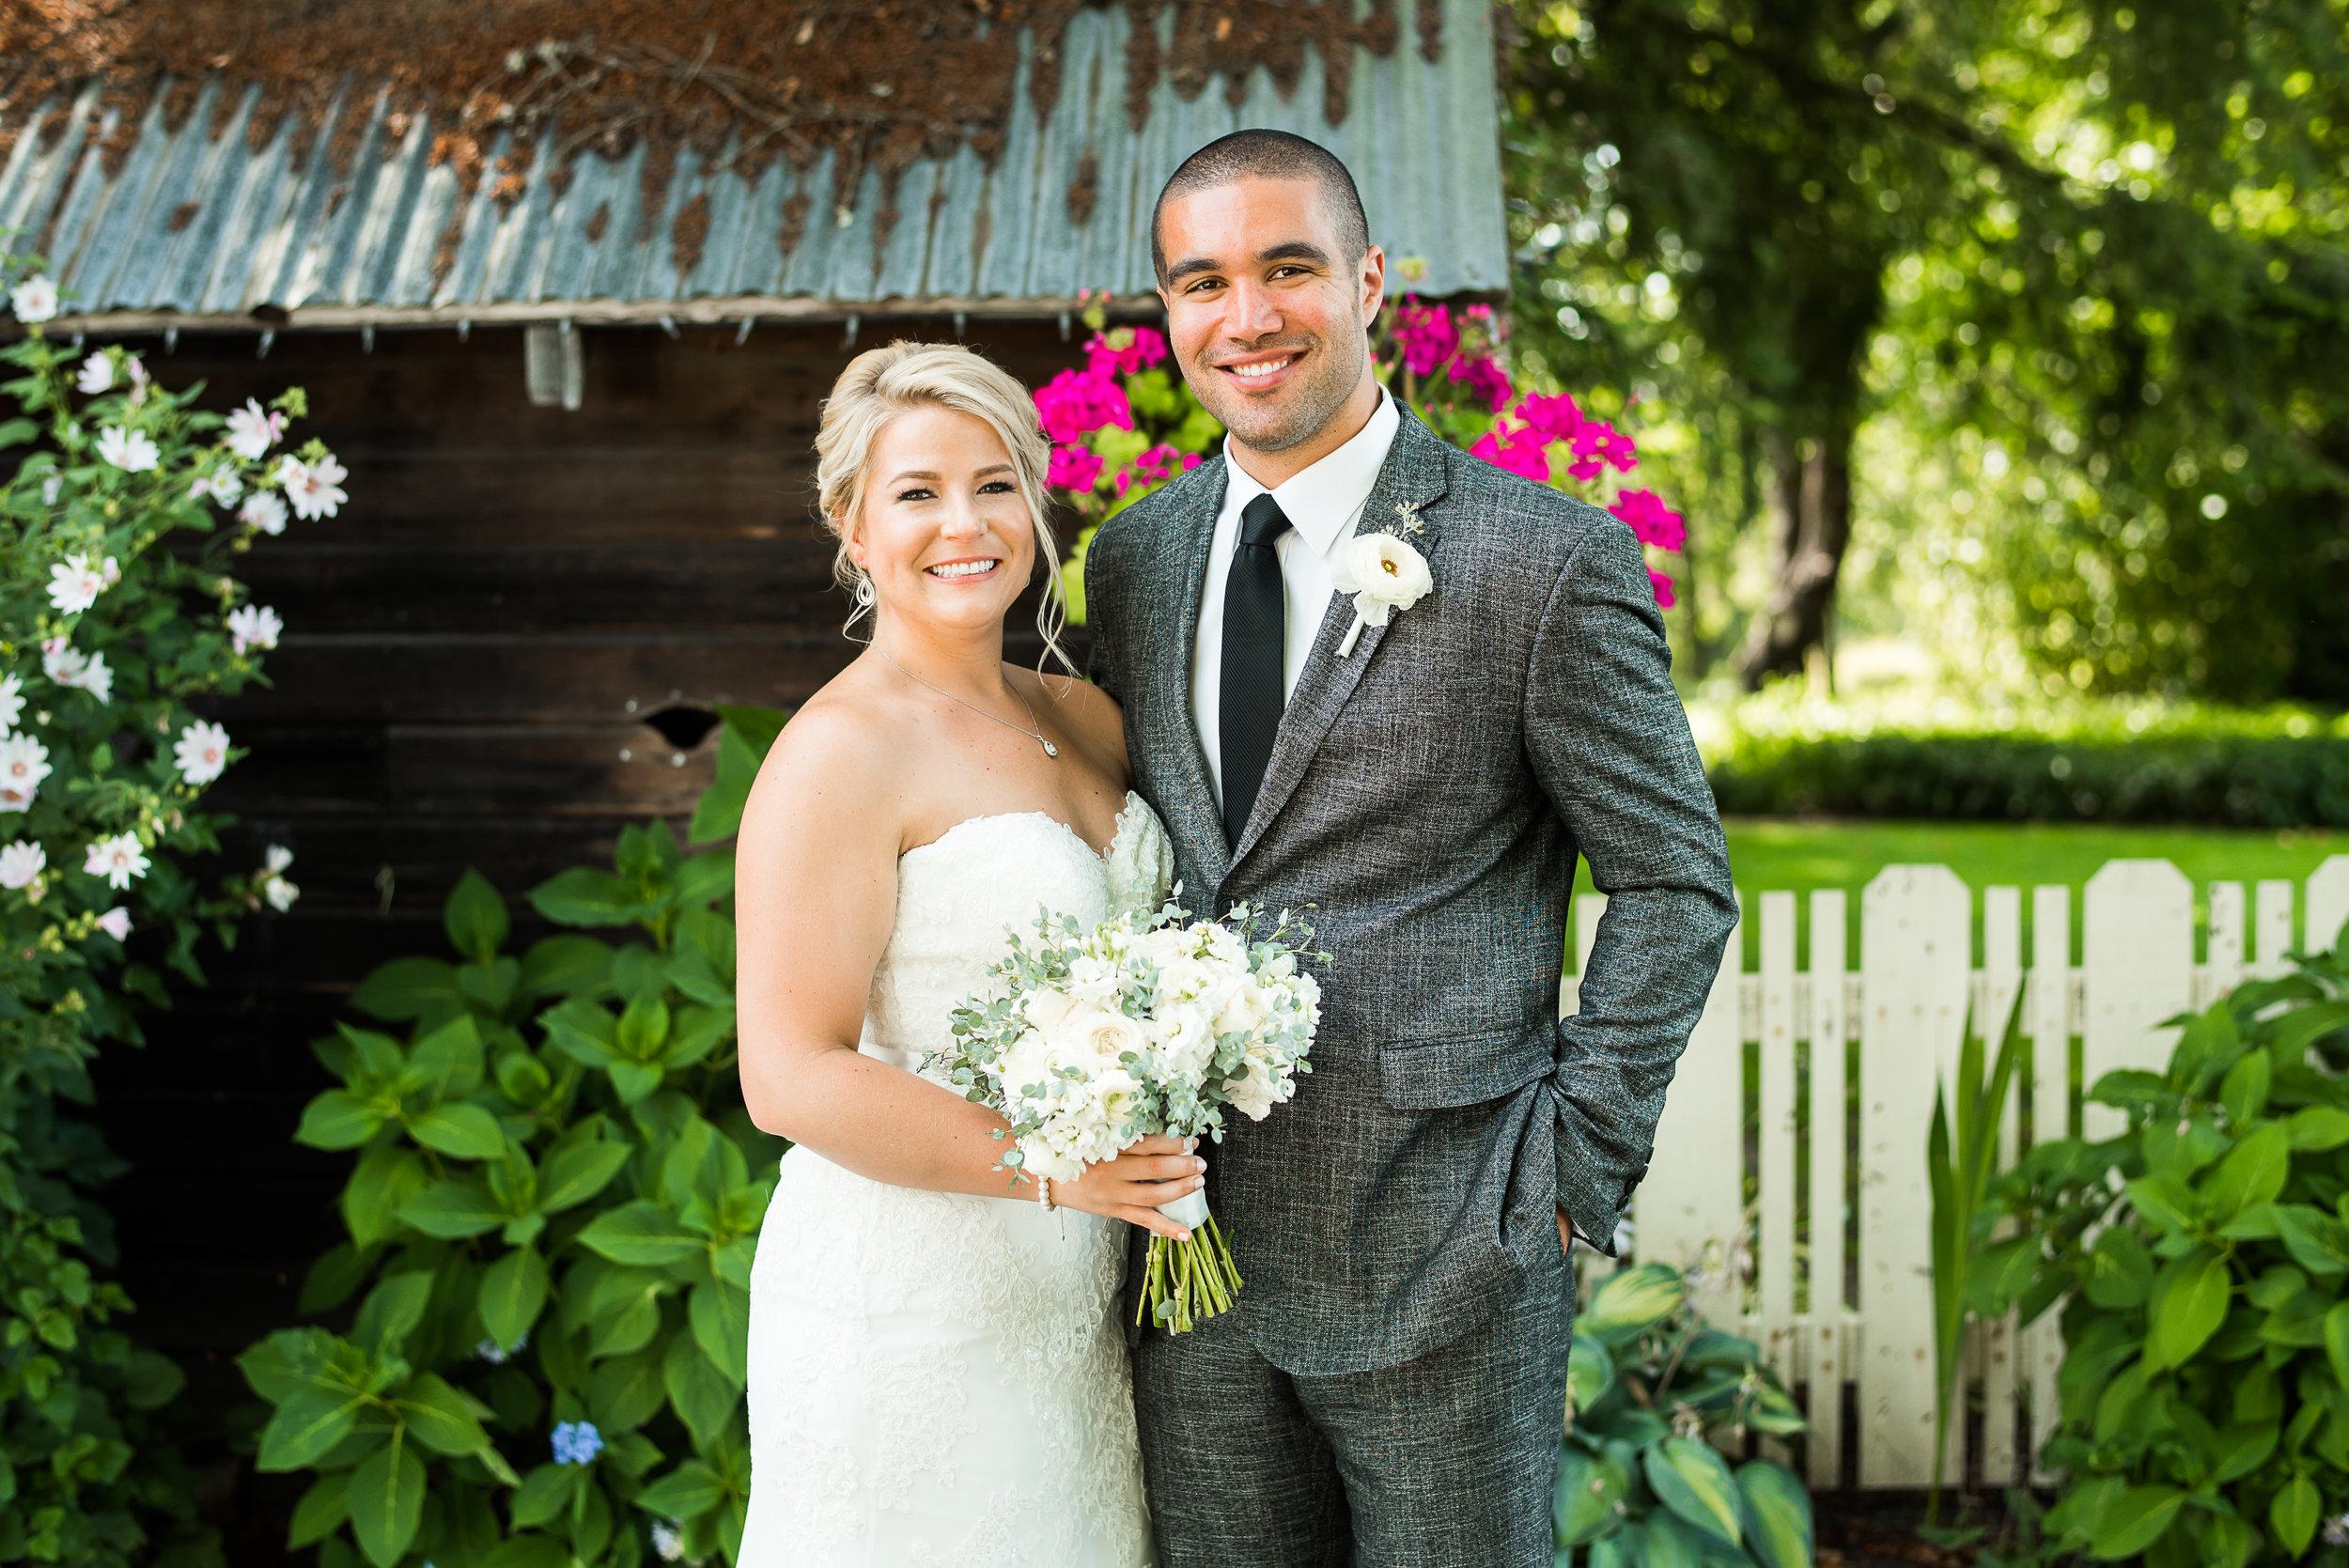 HA-wedding-Van-Wyhe-Photography-133.jpg